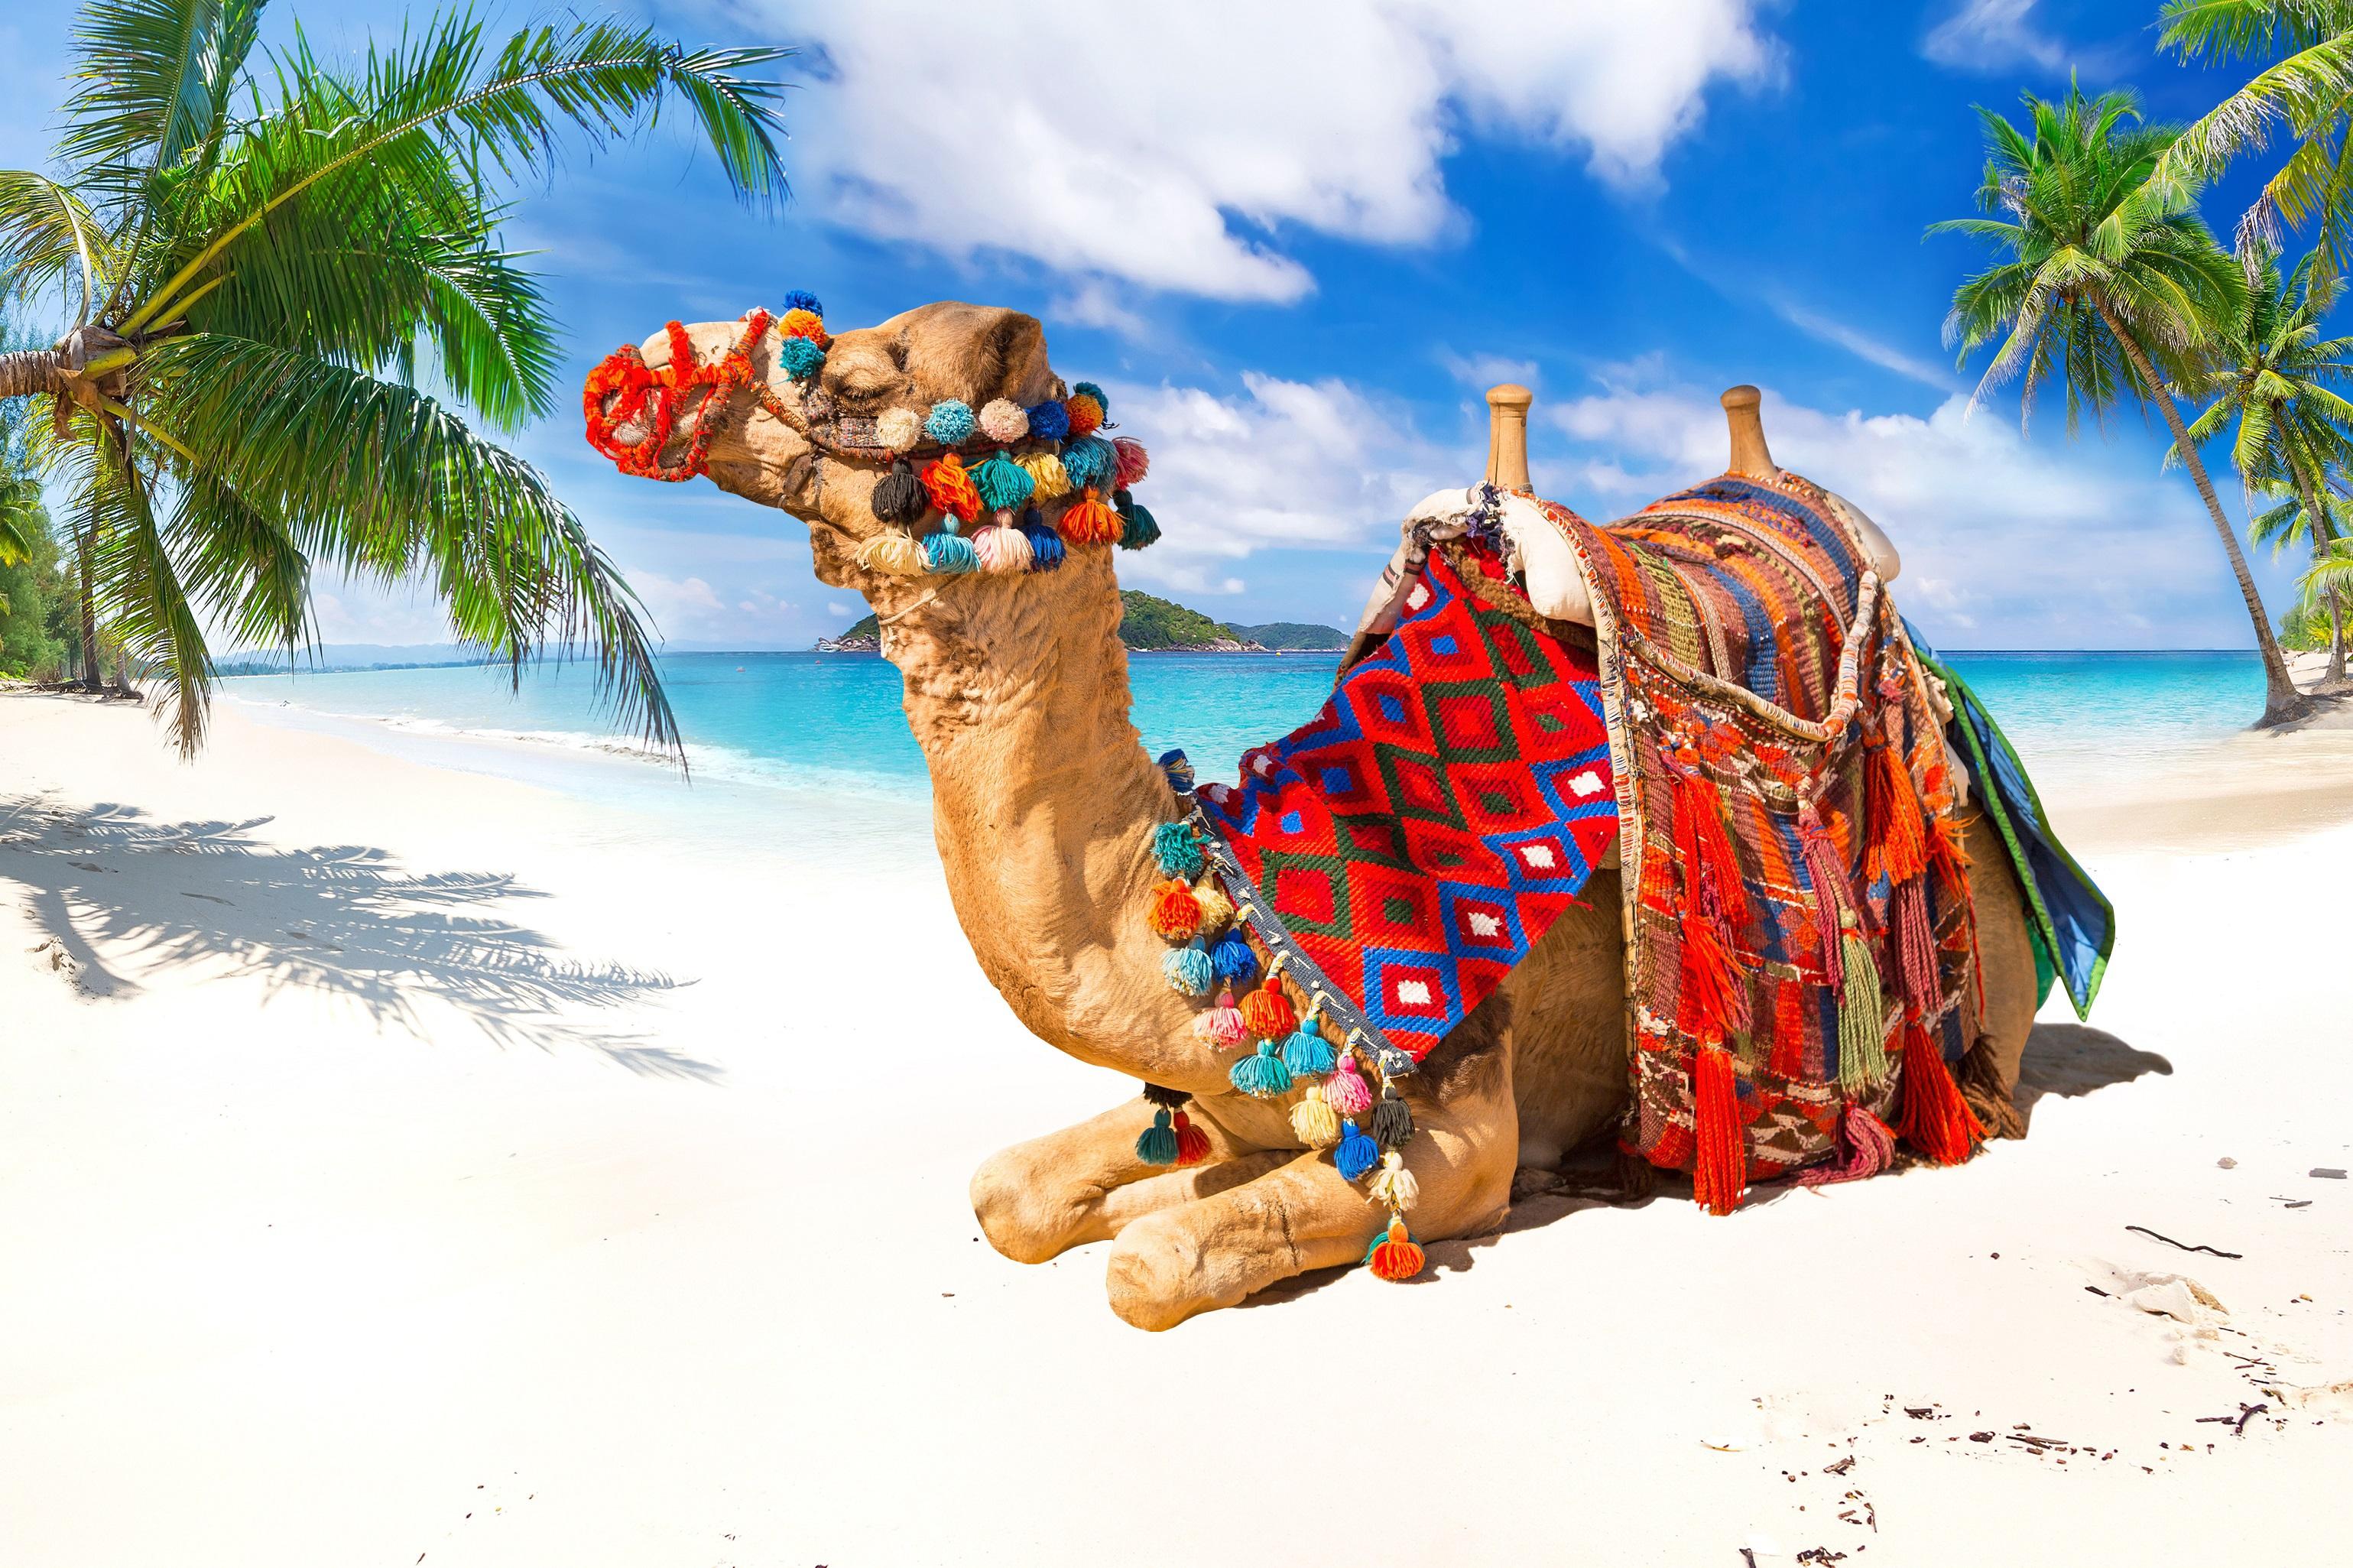 Beach Camel Sand Tropical 3078x2051